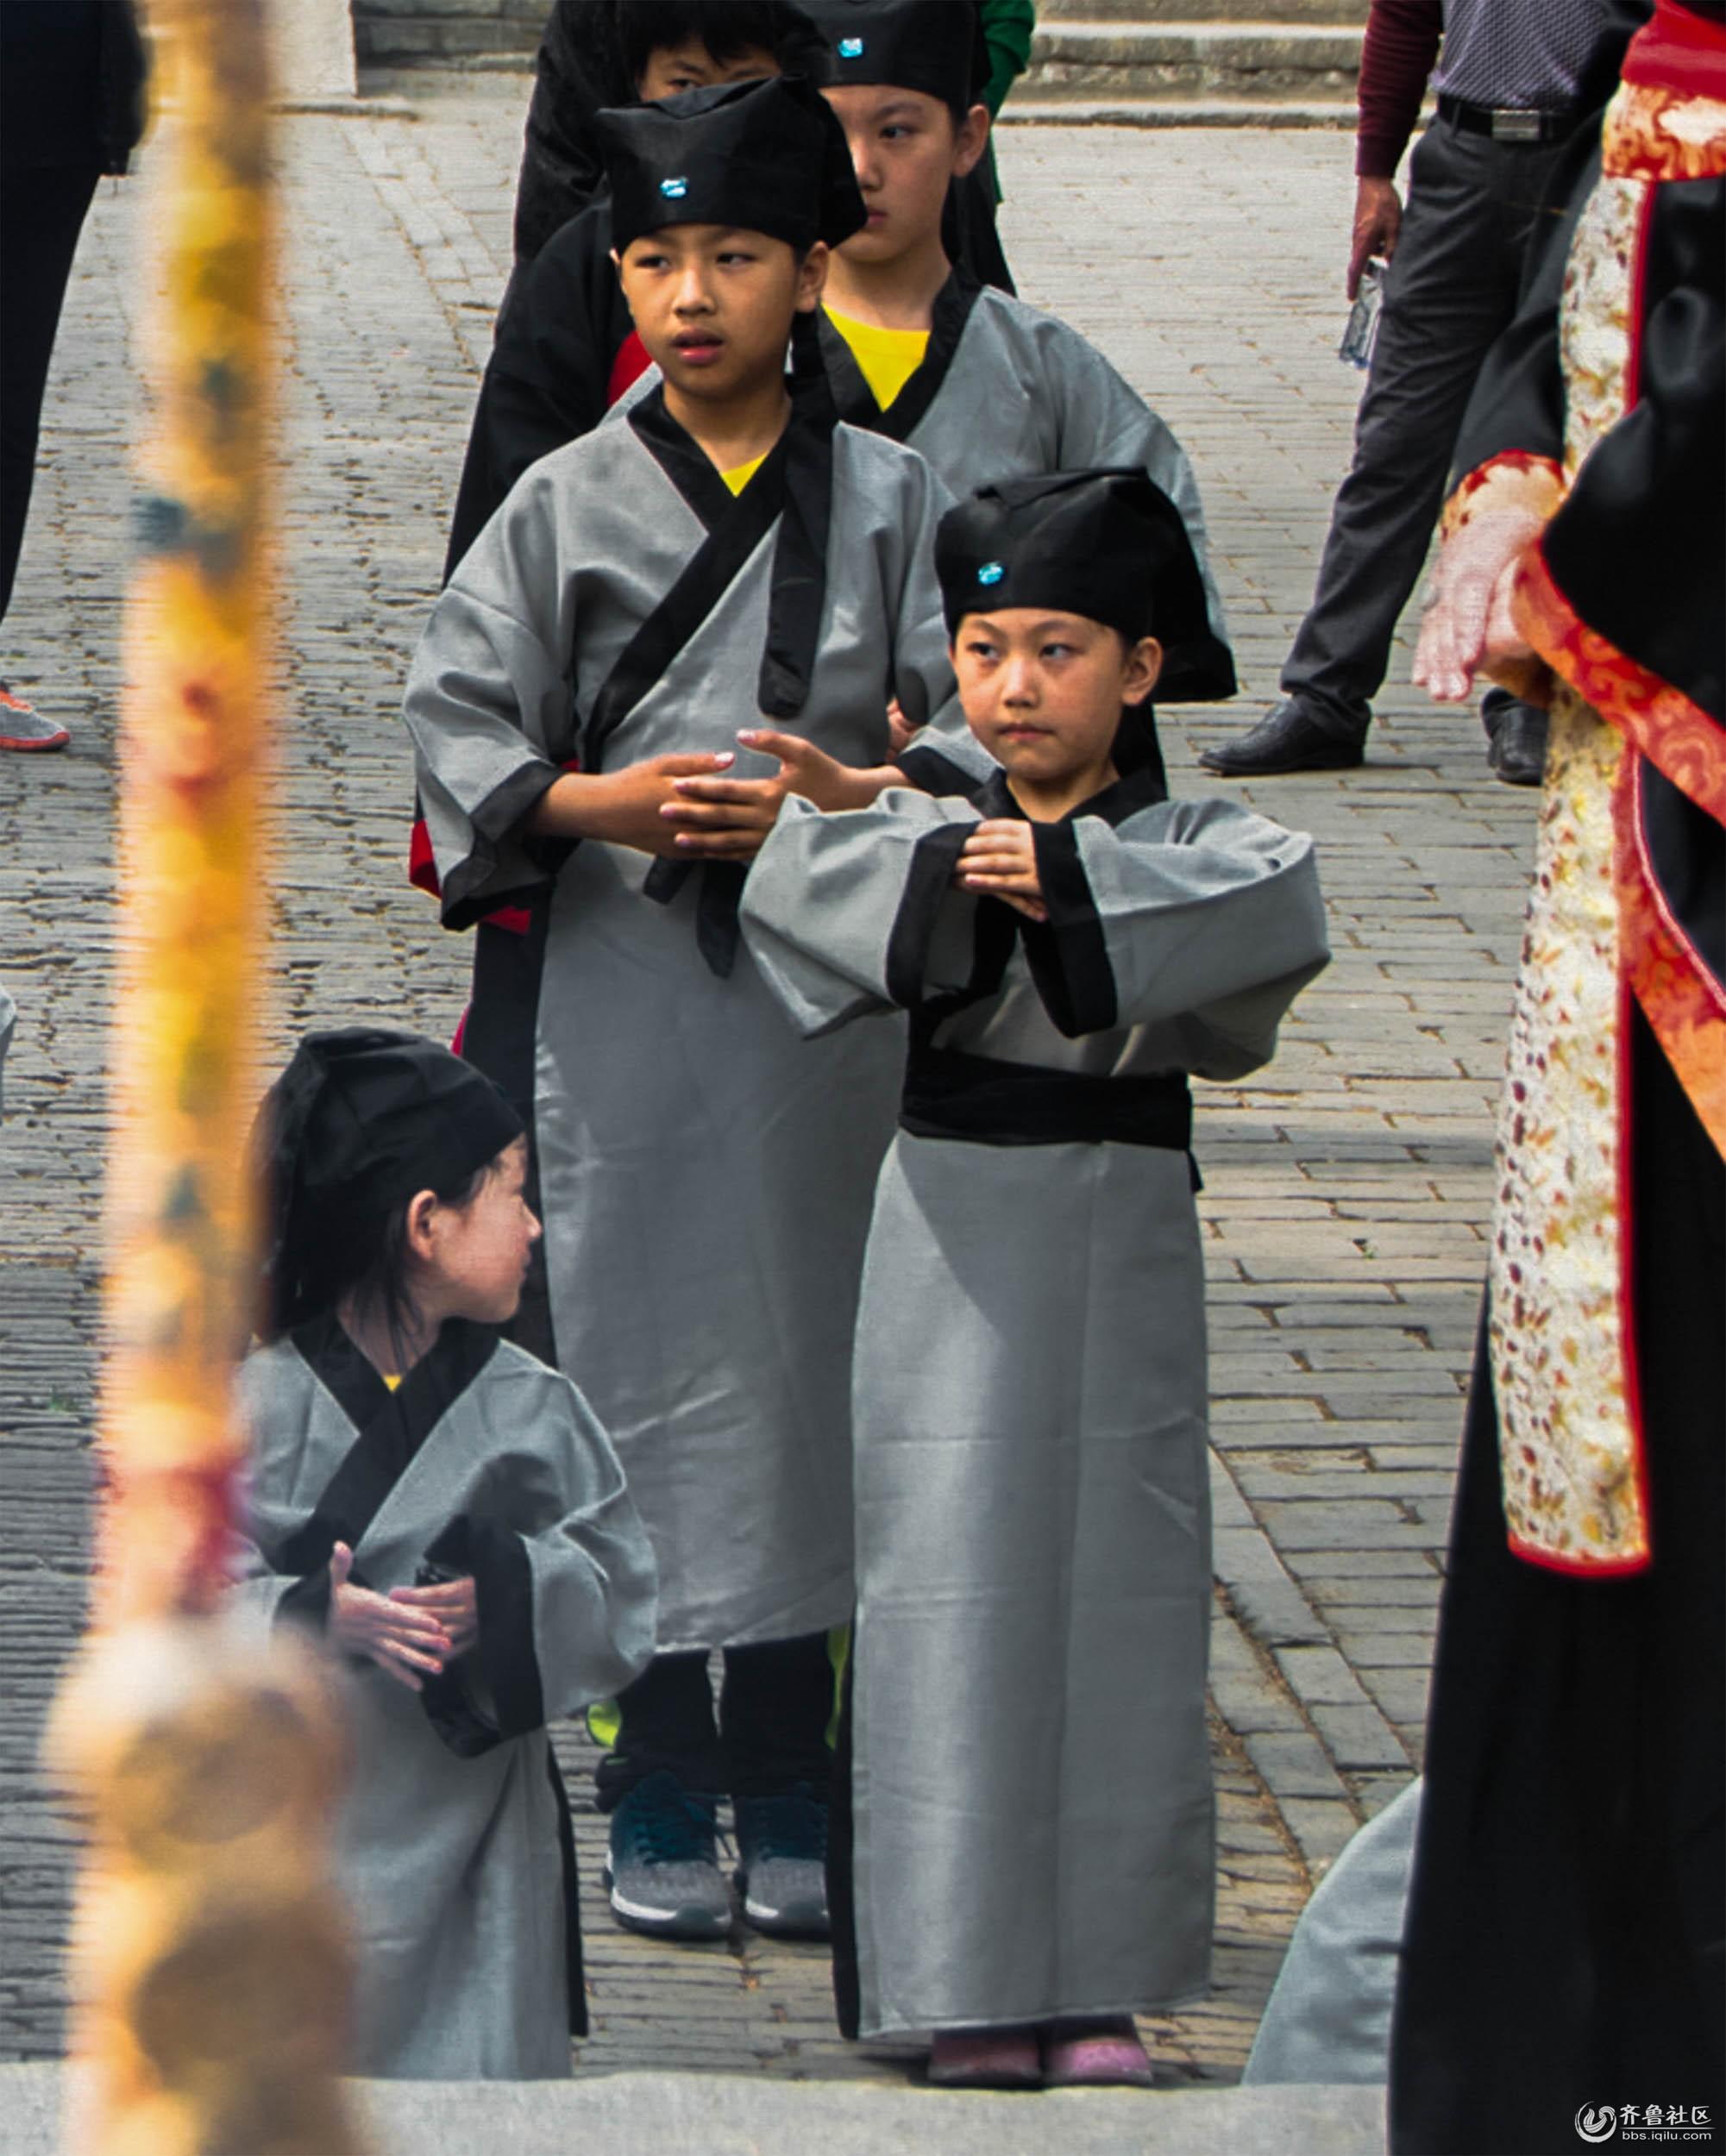 2、正冠,师生整理衣冠,表示对先师的尊重,正冠也是开蒙的重要礼仪。